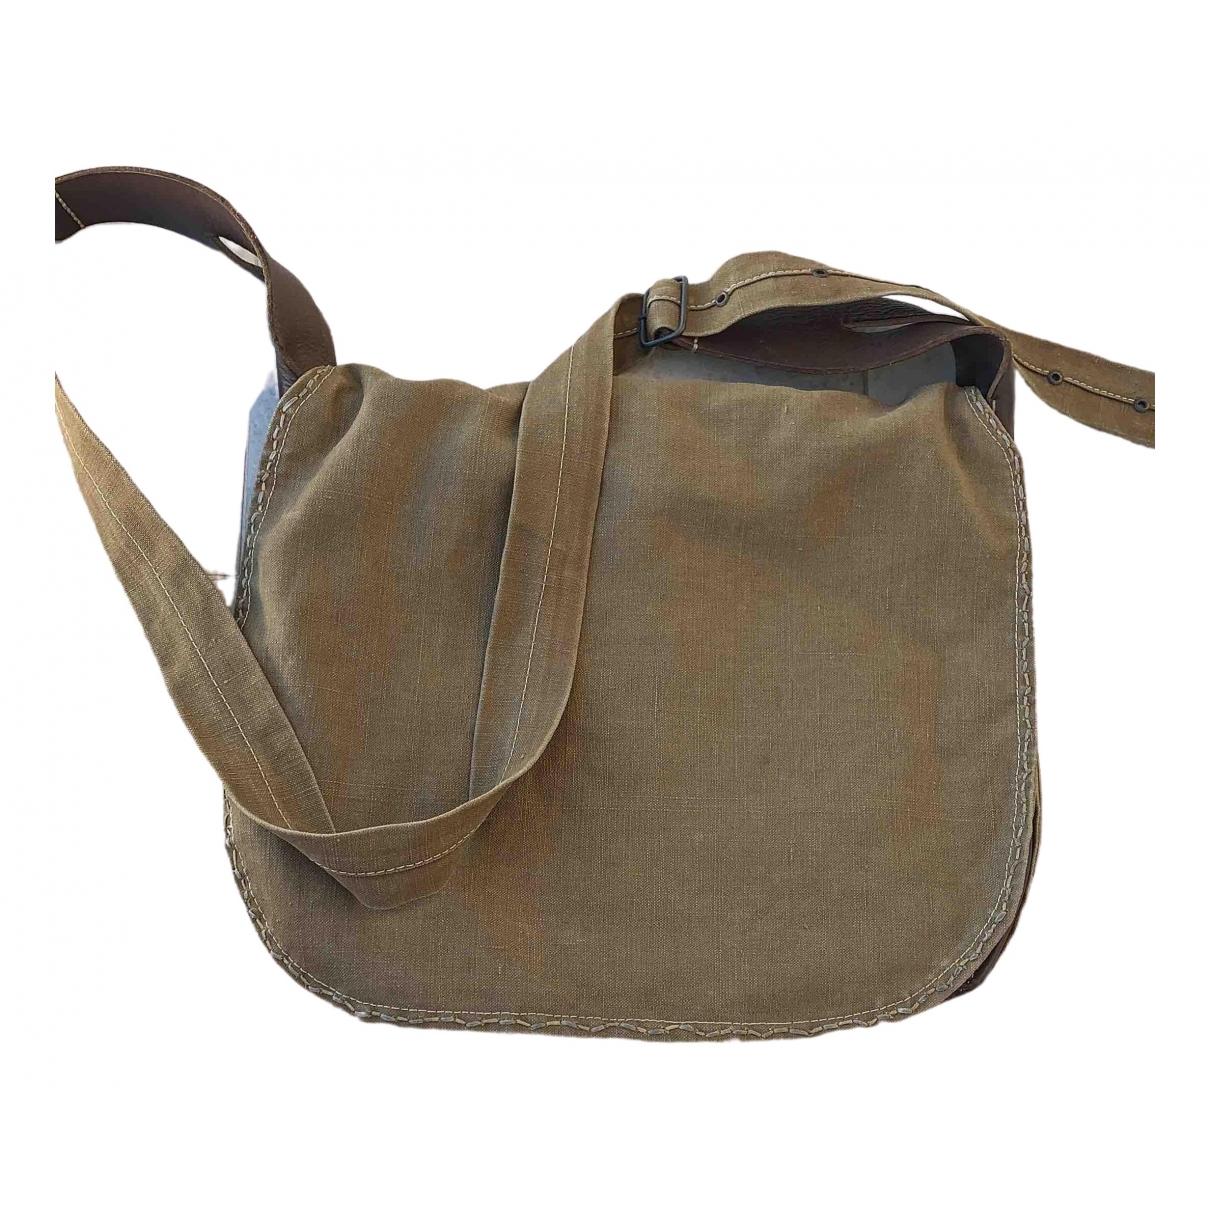 Maison Martin Margiela \N Handtasche in  Khaki Leinen